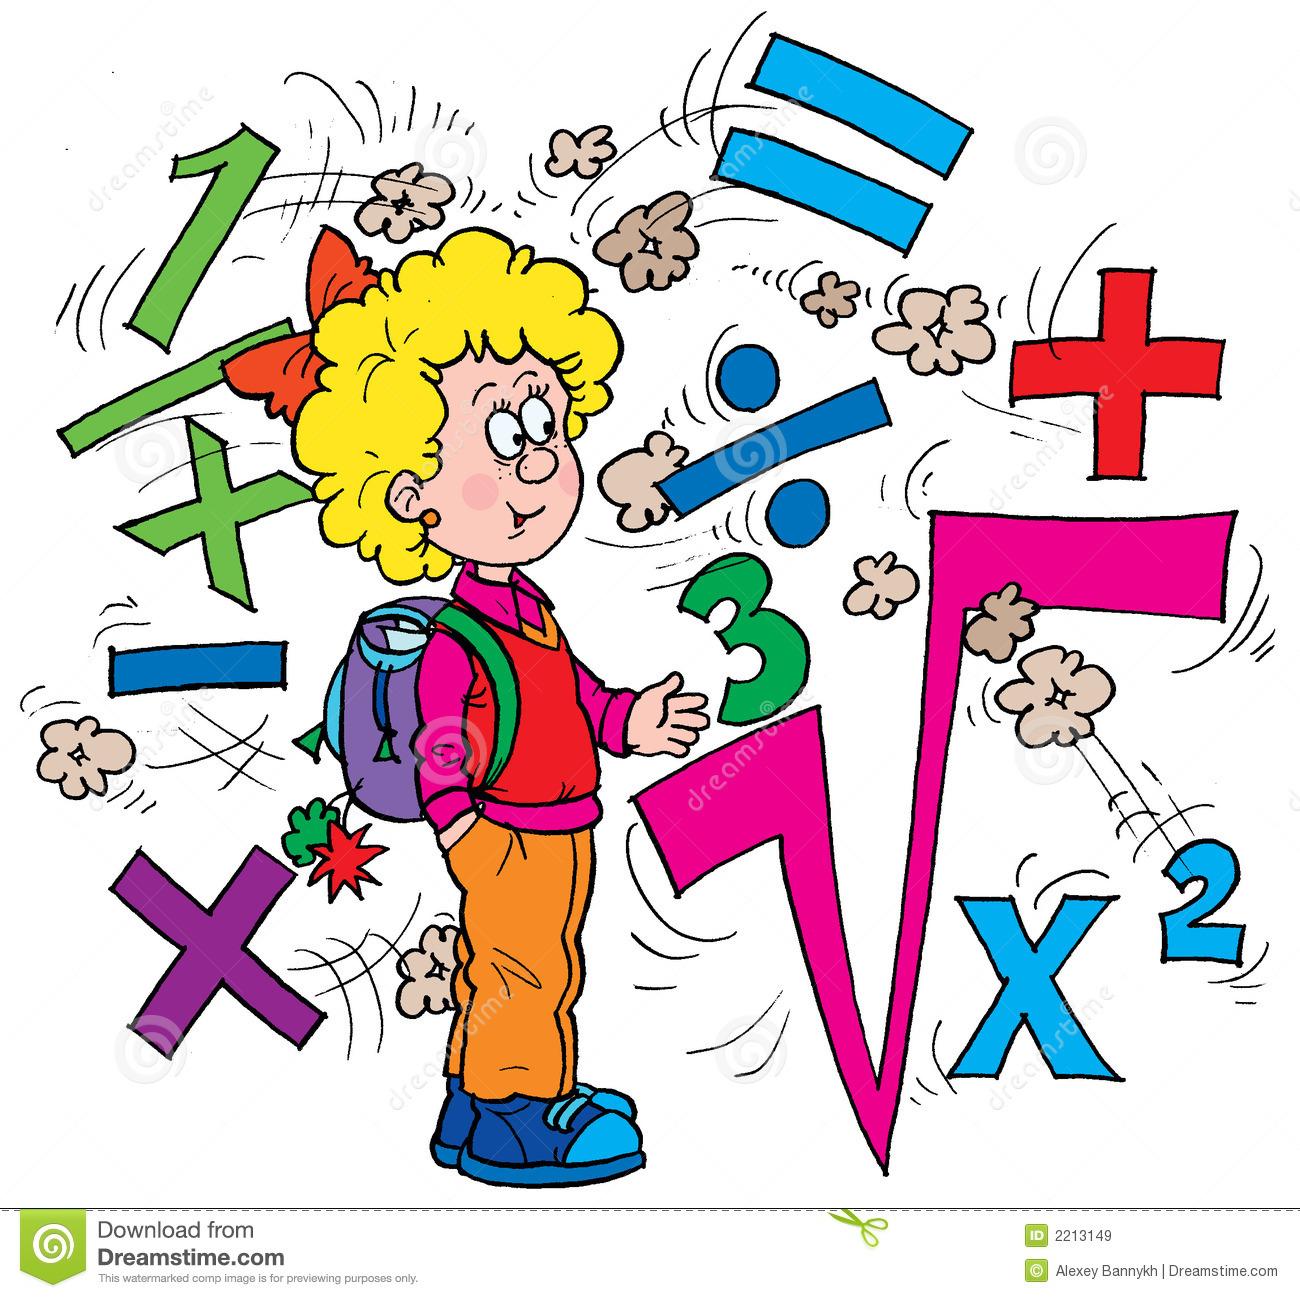 Mathematics assistance cynthia kennedy. Math clipart math skill